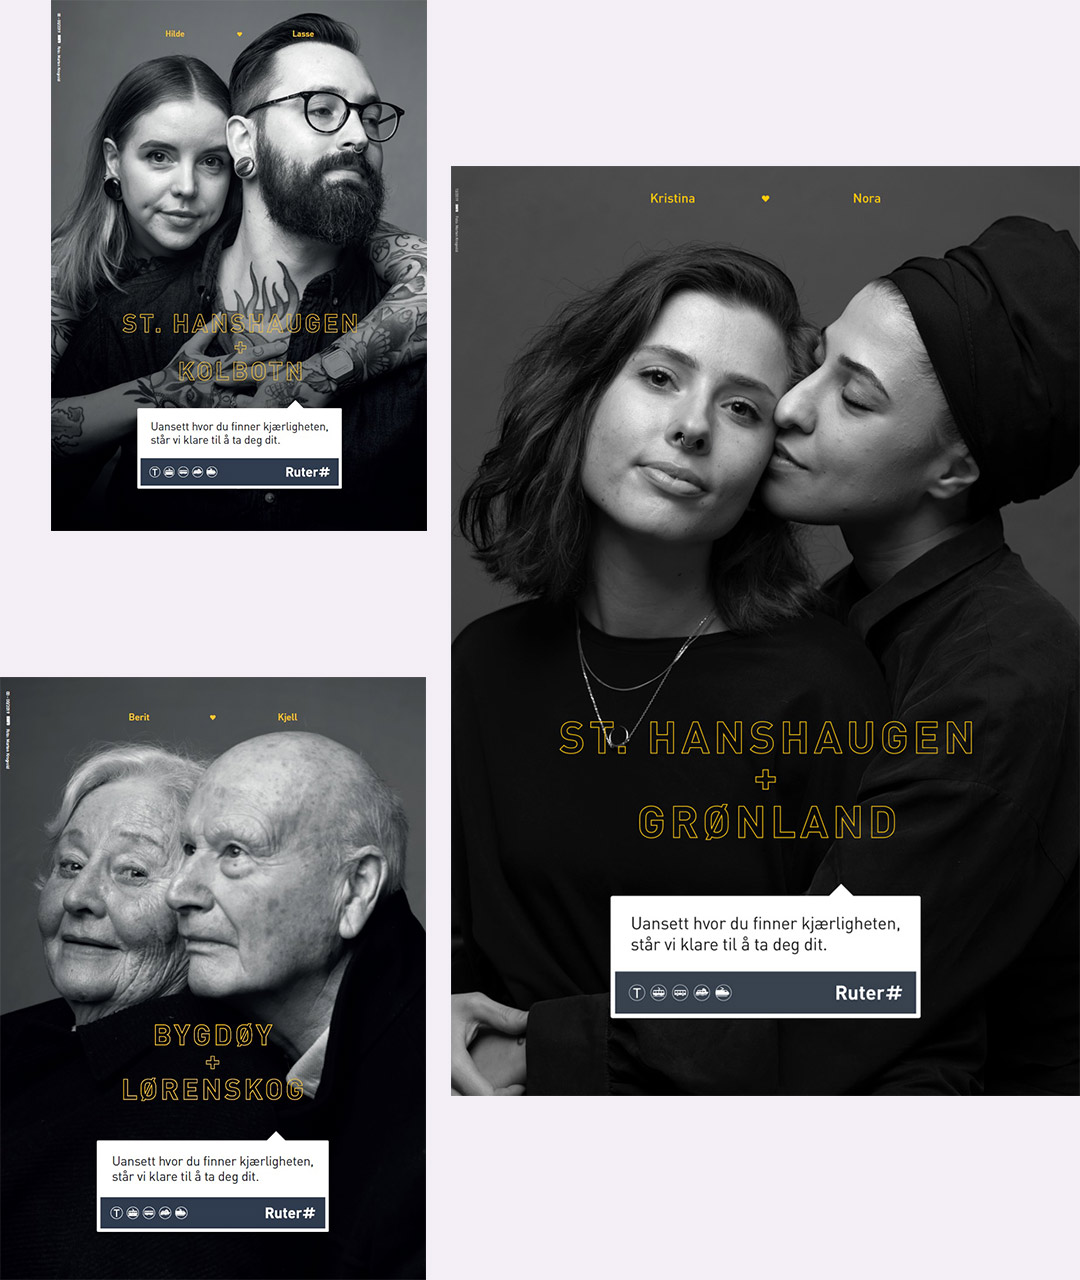 Bilder av Kjærlighetskampanjen